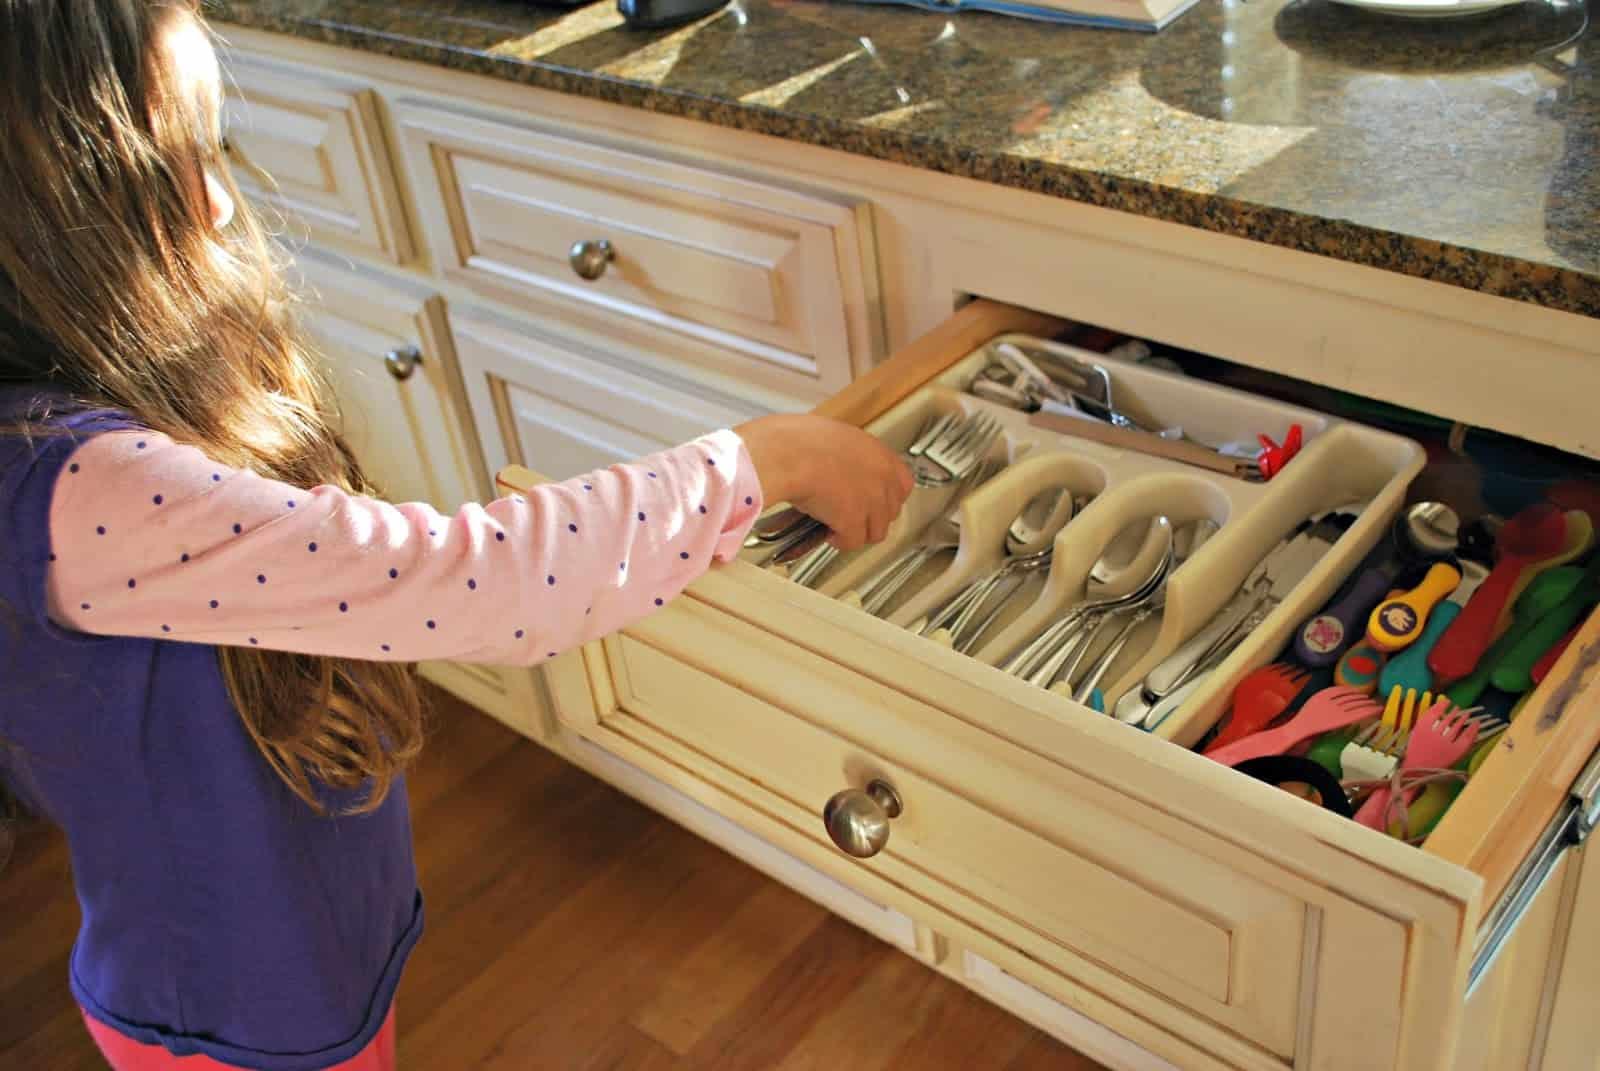 kitchen chores #ad